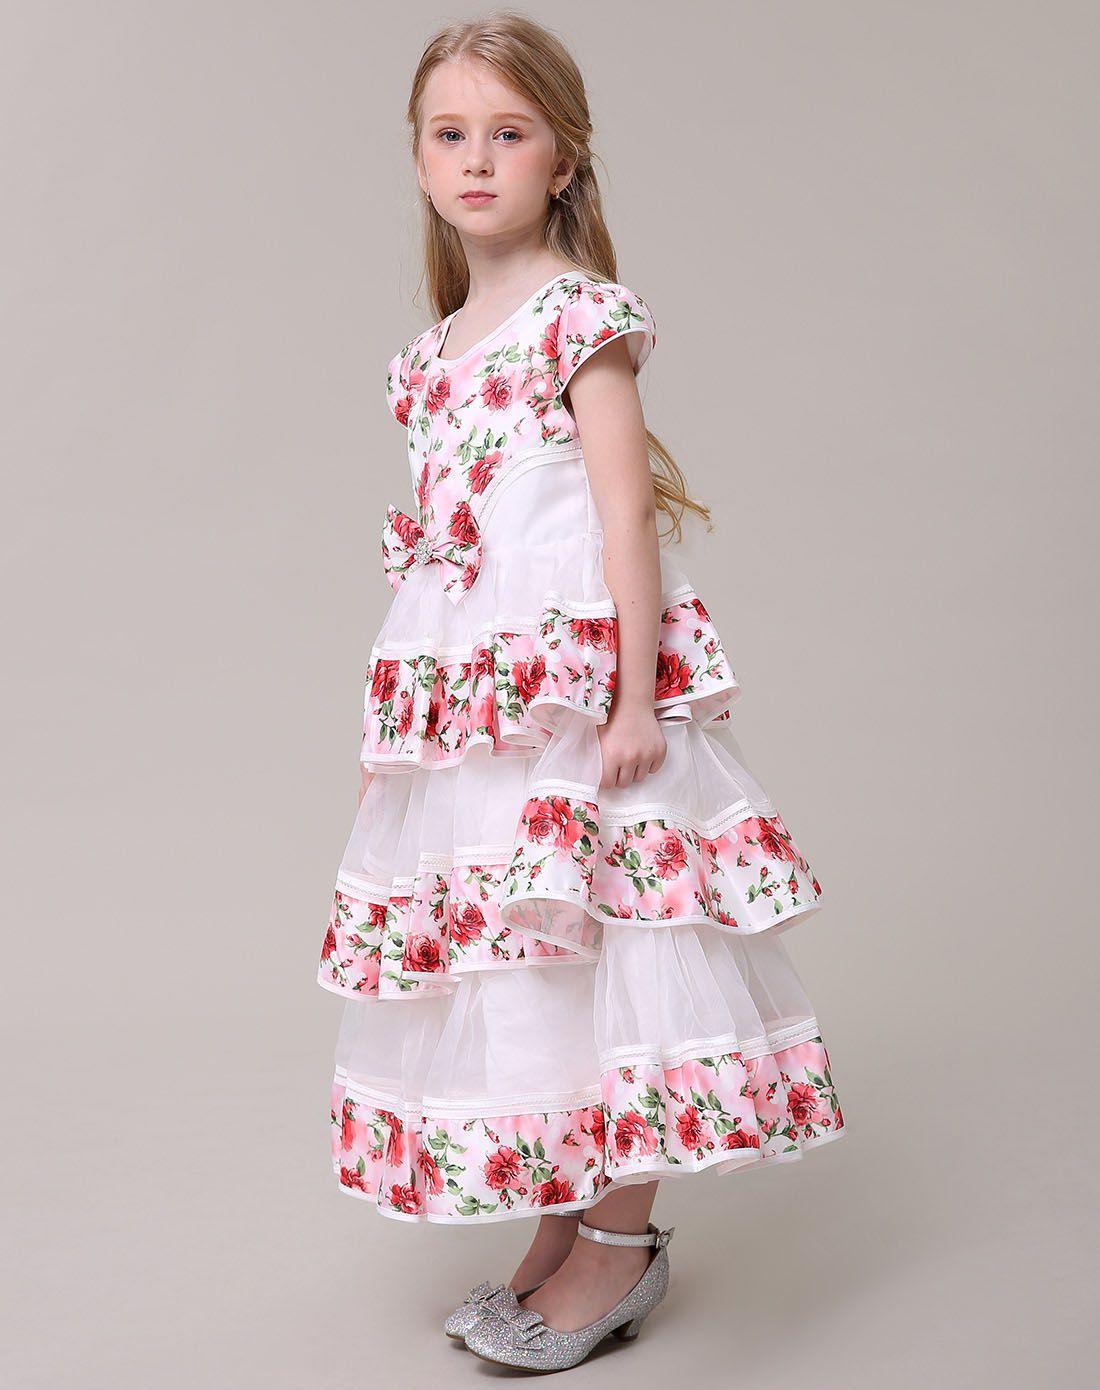 女童气质玫瑰花蛋糕裙